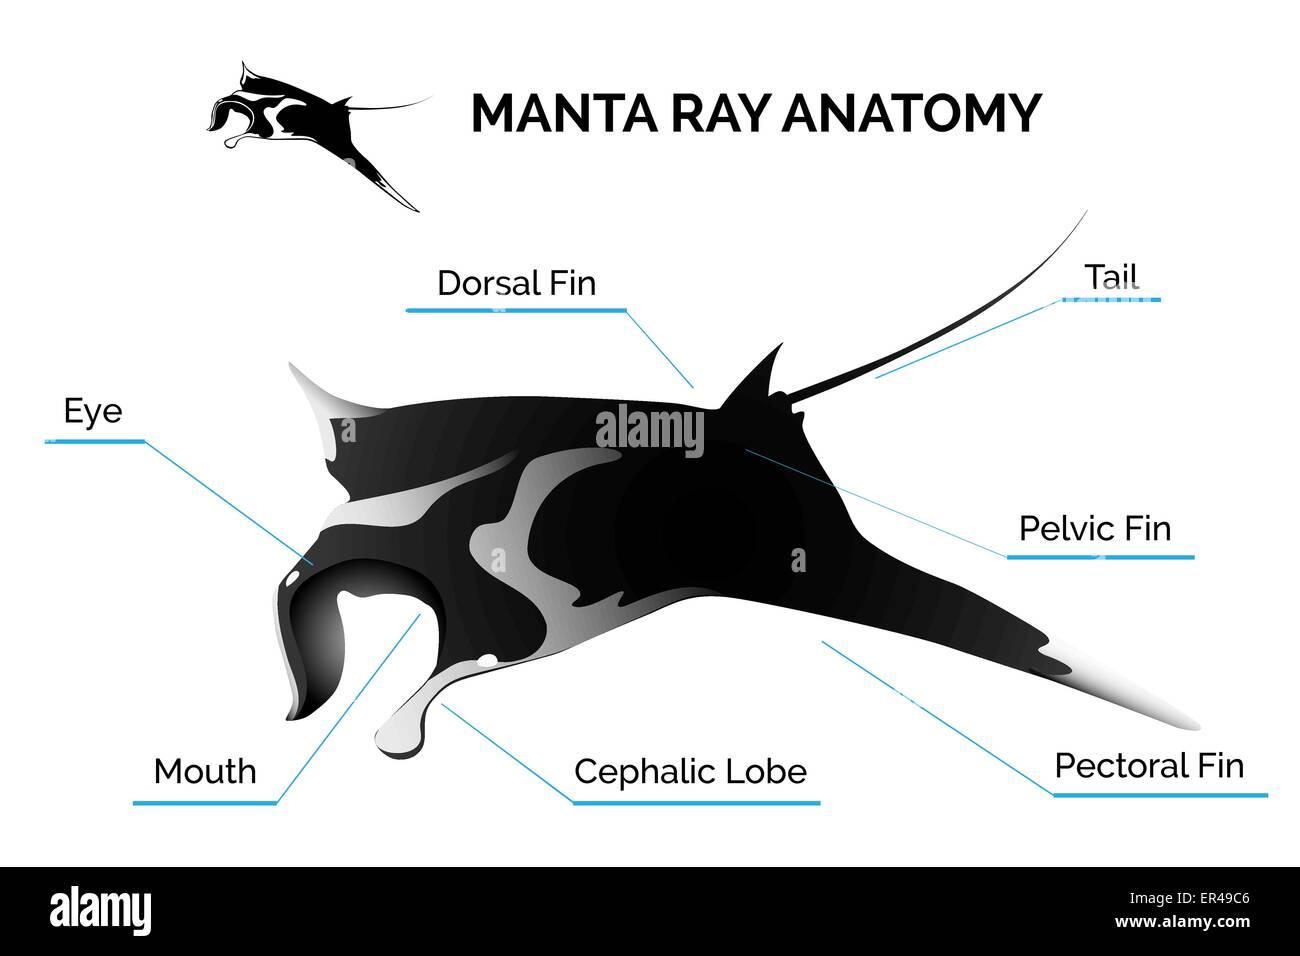 Manta Ray Diagram Wiring Nissan Vq20de Face Diagrammanta Diagrams Clickmanta Anatomy Stock Vector Art